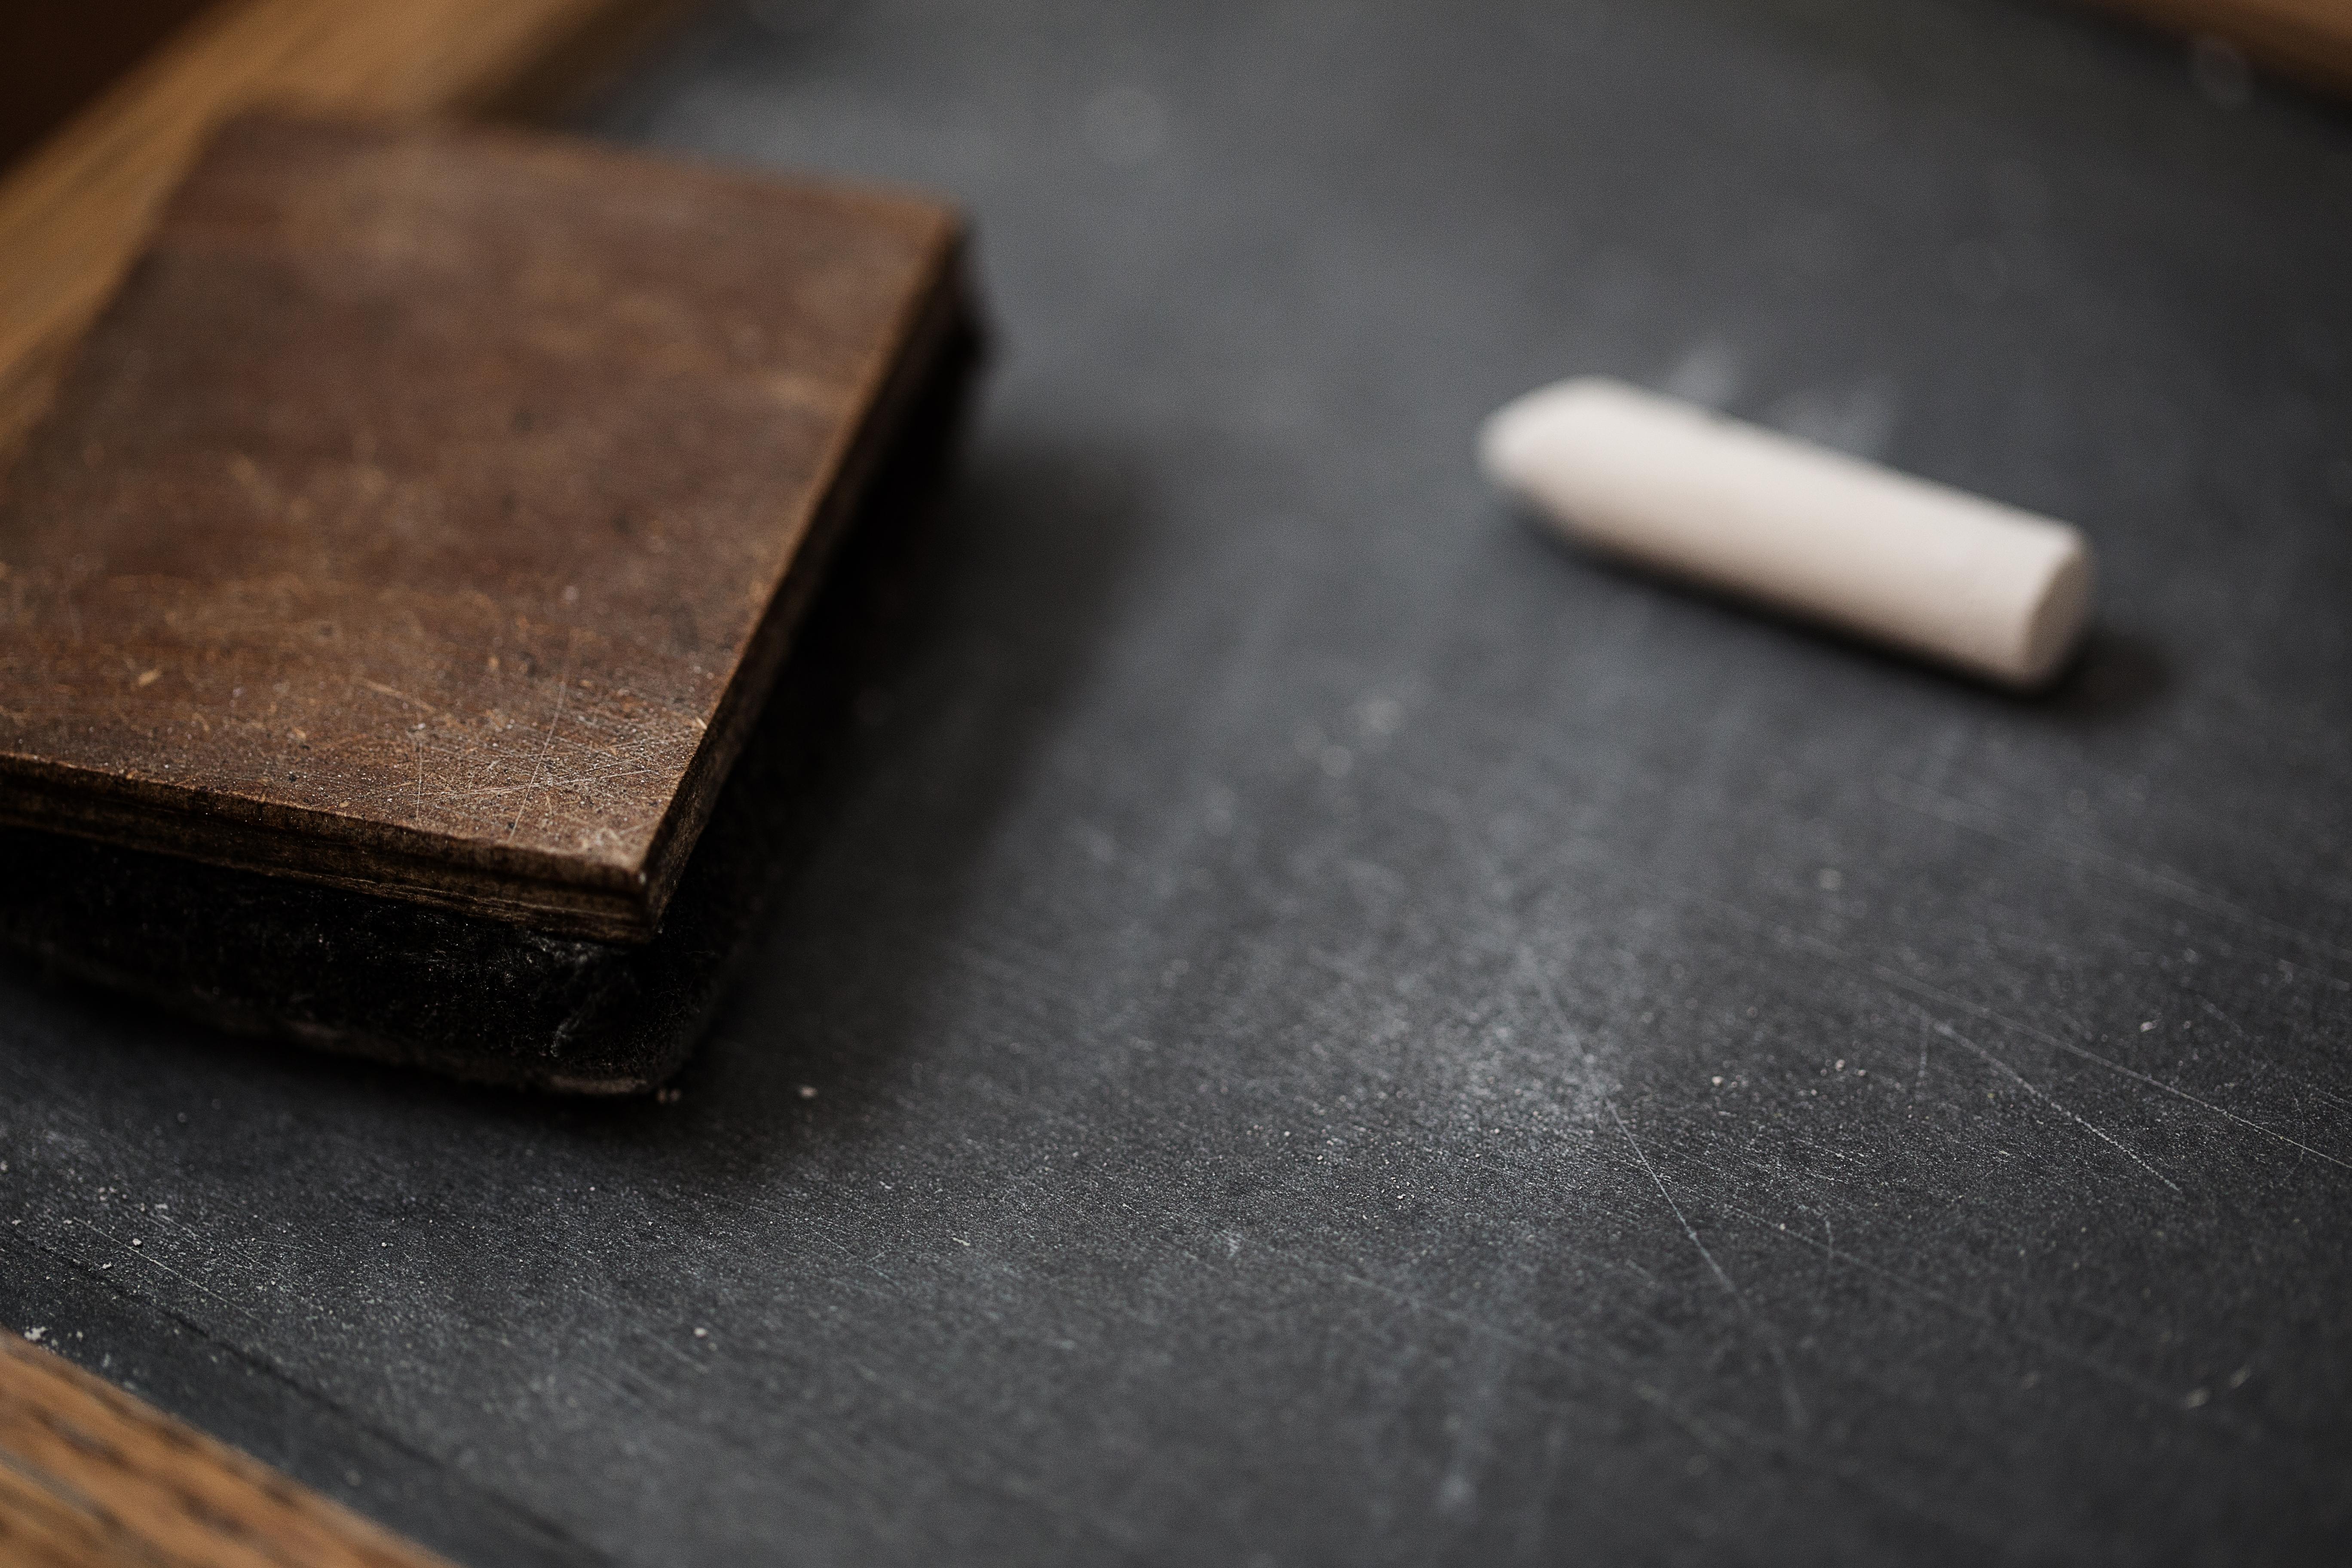 Nauvoo chalk and slate